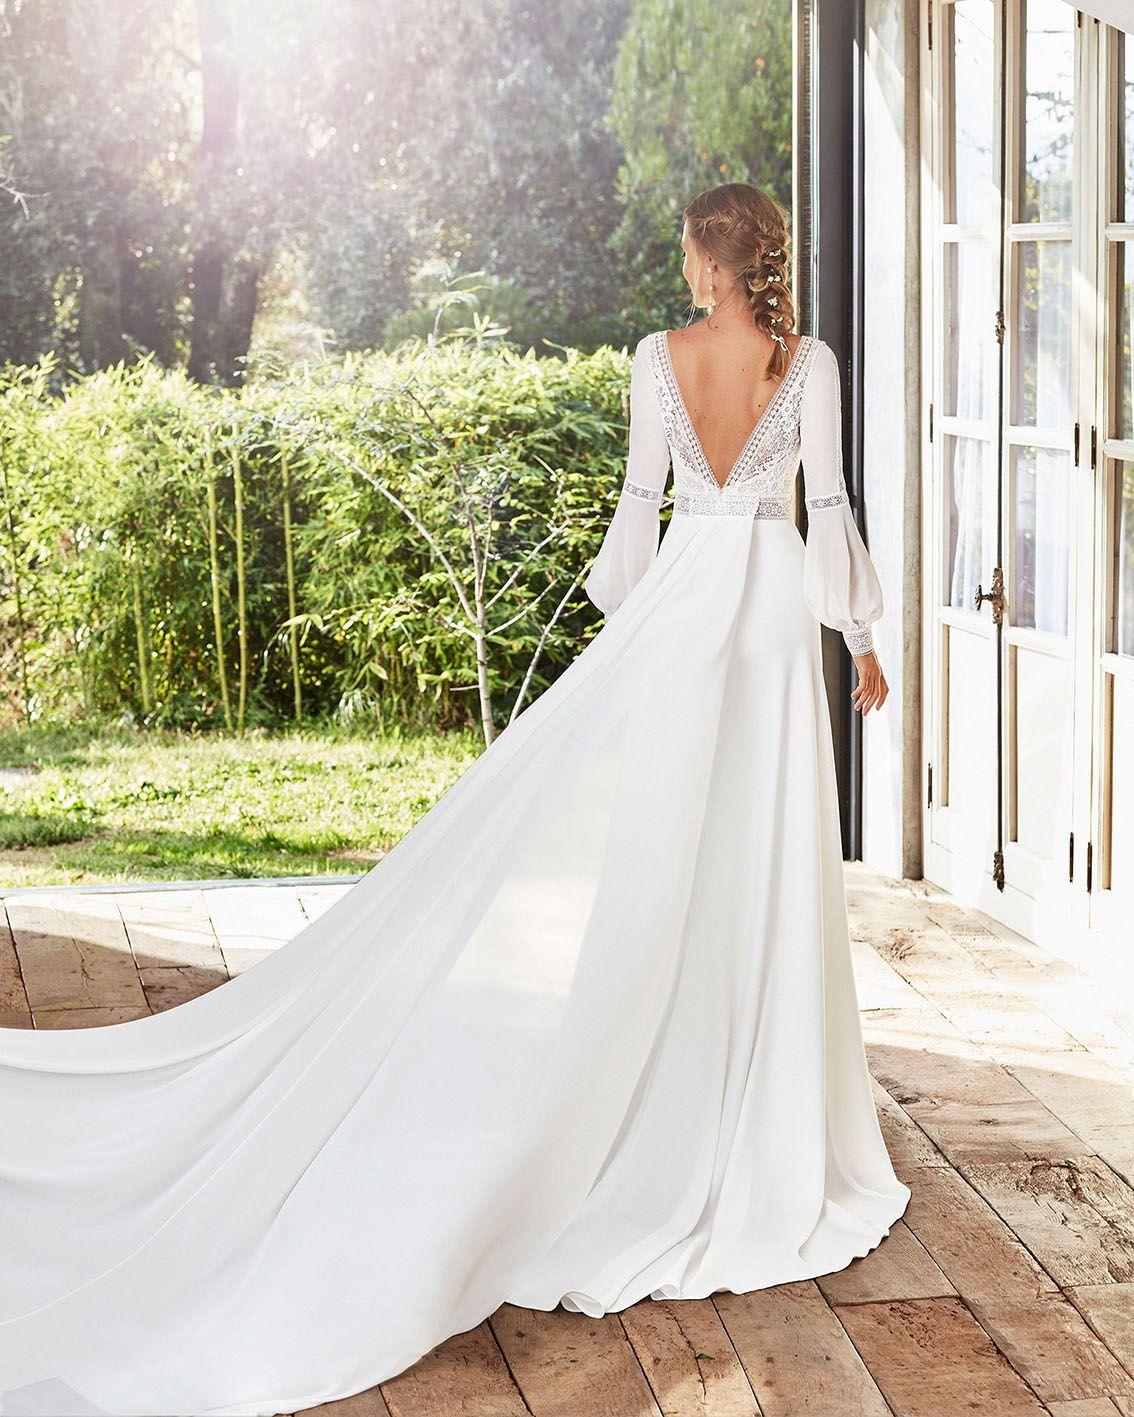 Brautkleid Caimad Schmales Boho Brautkleid Und Schleppe Aus Elastischem Crepe V Ausschni In 2020 Blake Lively Wedding Dress Wedding Dresses Wedding Dress Long Sleeve